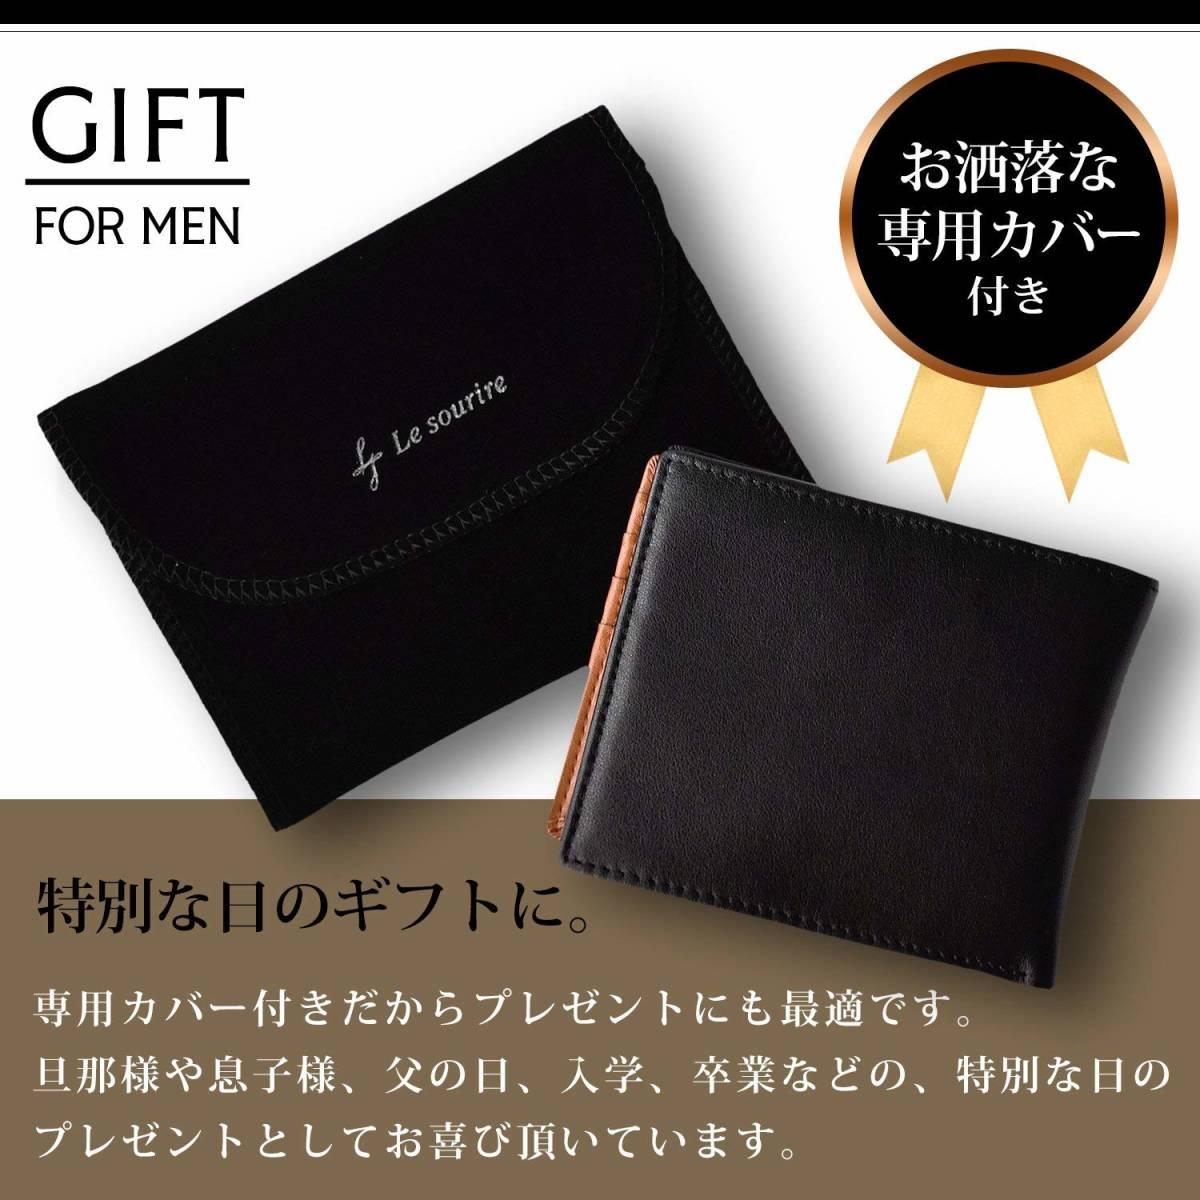 【送料無料】 [Le sourire] 二つ折り 財布 カード18枚収納 ボックス型小銭入れ 本革 メンズ ブラック ブラウン 黒 茶色_画像8